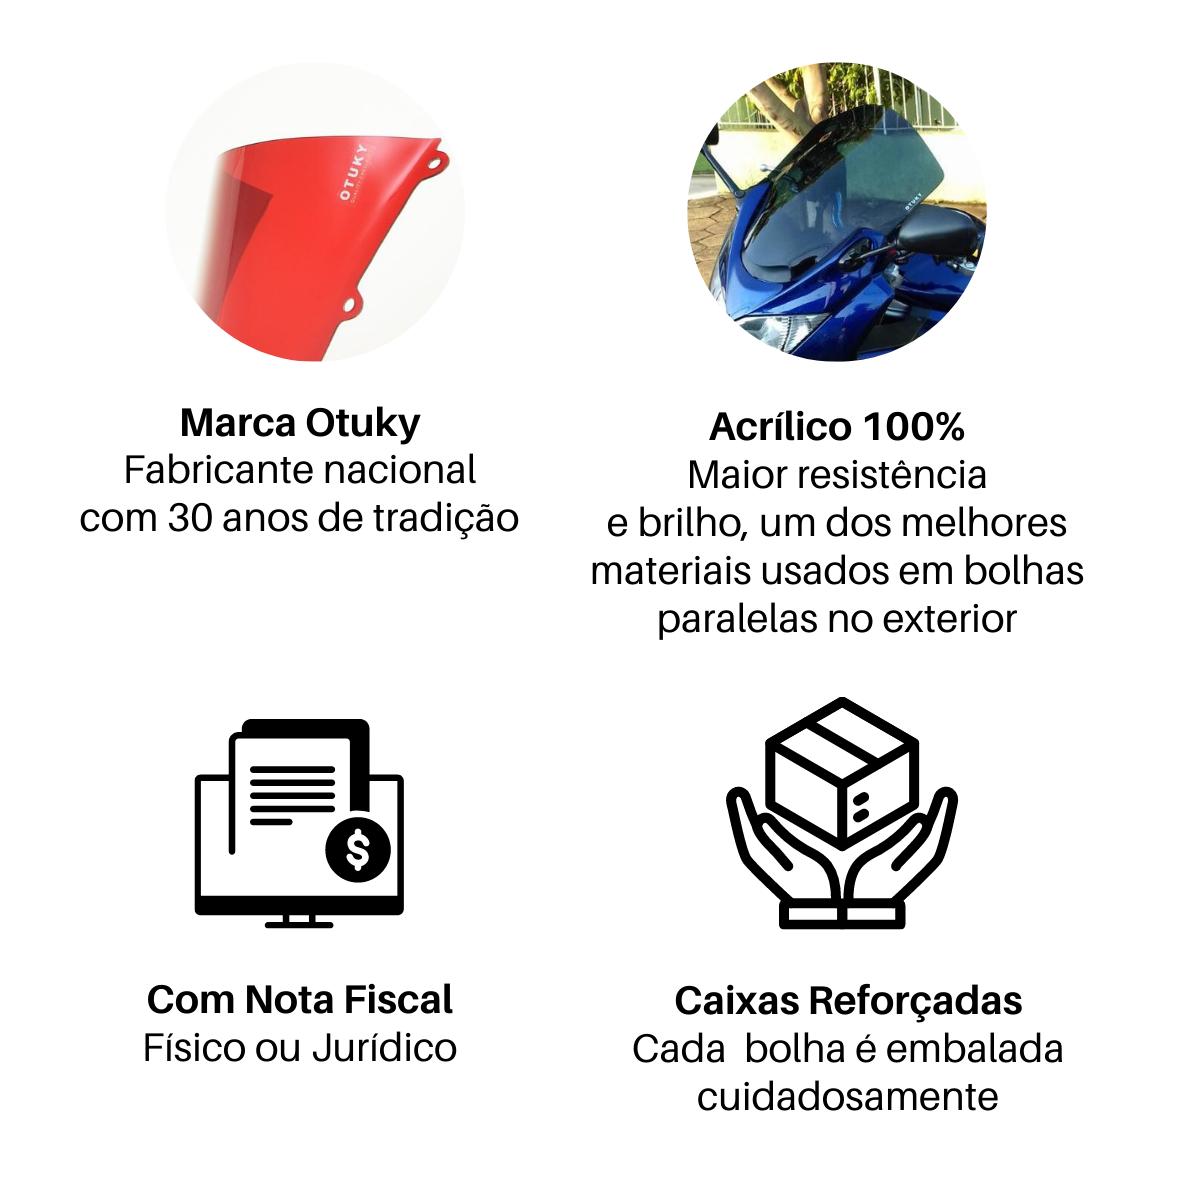 Bolha para Moto Ténéré 250 Xtz 2011 2012 2013 2014 2015 2016 2017 2018 Otuky Menor Cristal